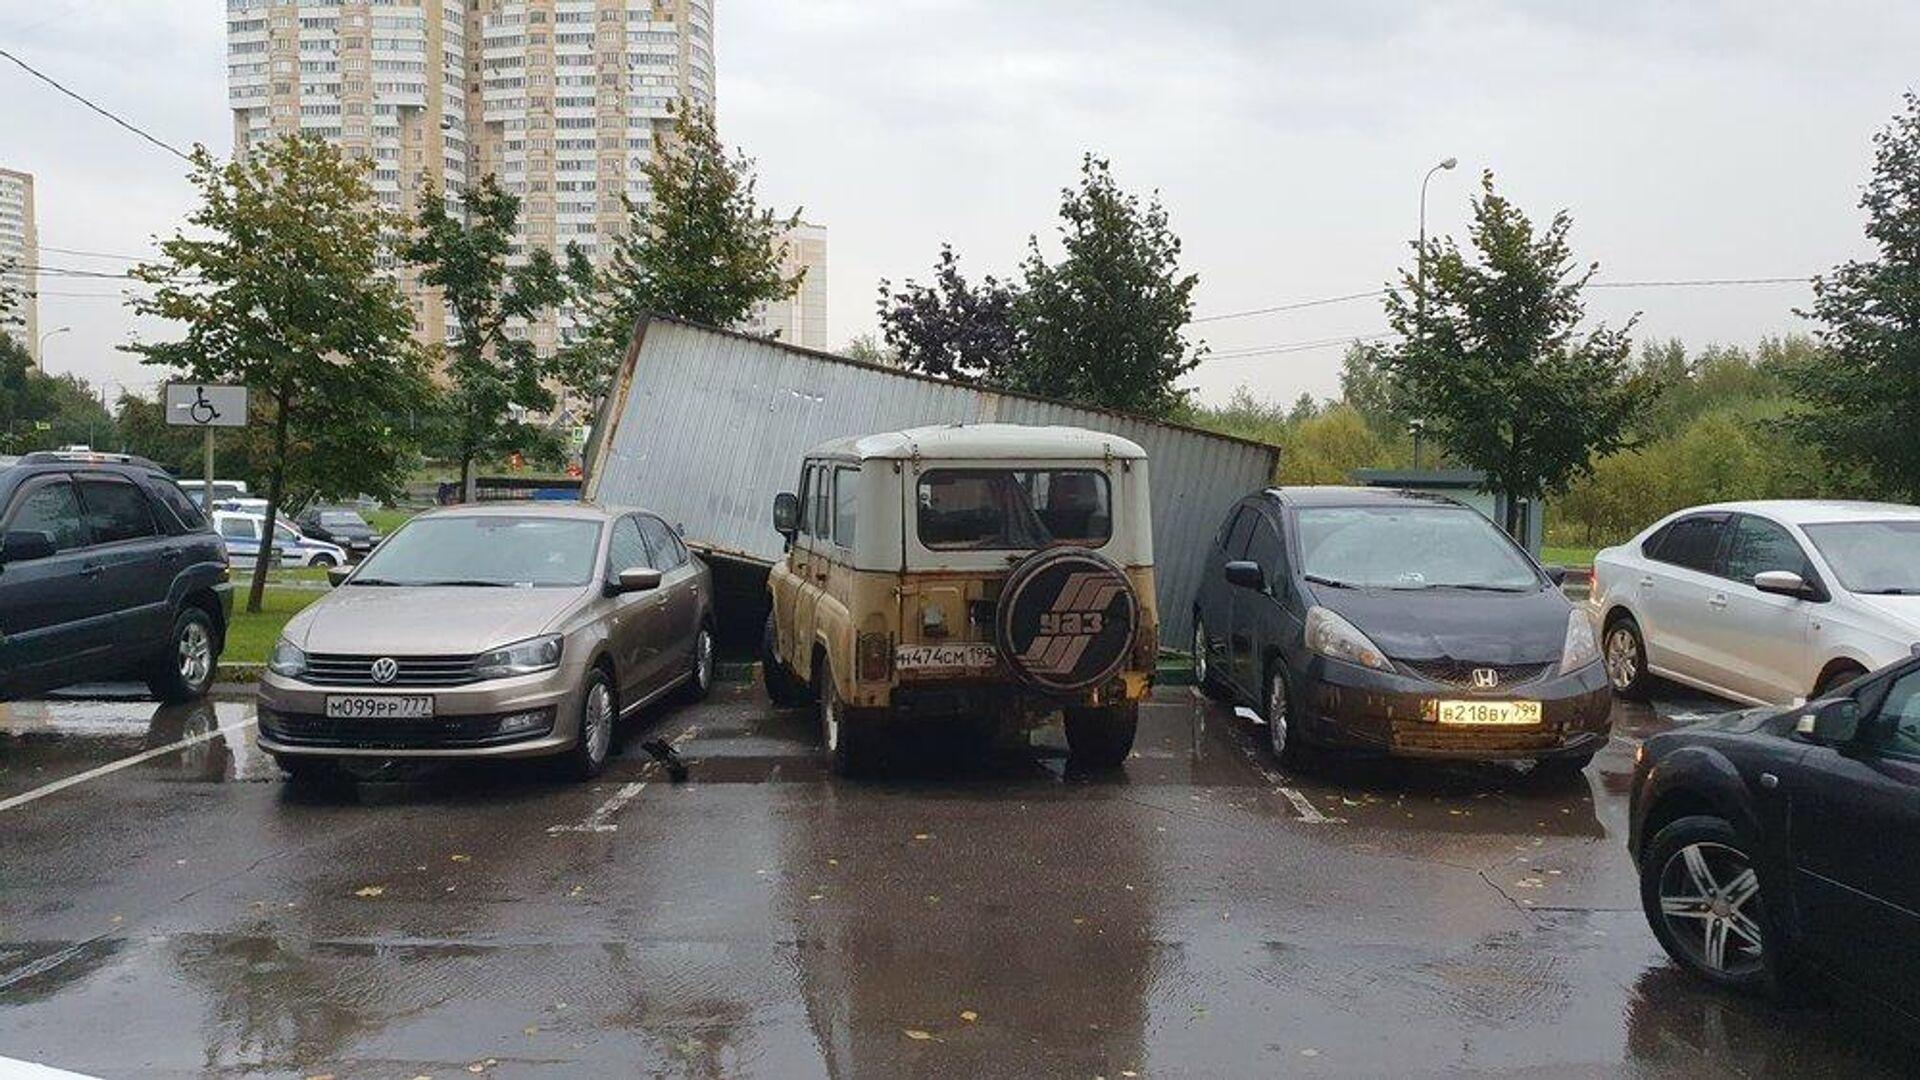 Сорванный ветром с места гараж-ракушка в Москве. 17 сентября 2020 - РИА Новости, 1920, 01.02.2021